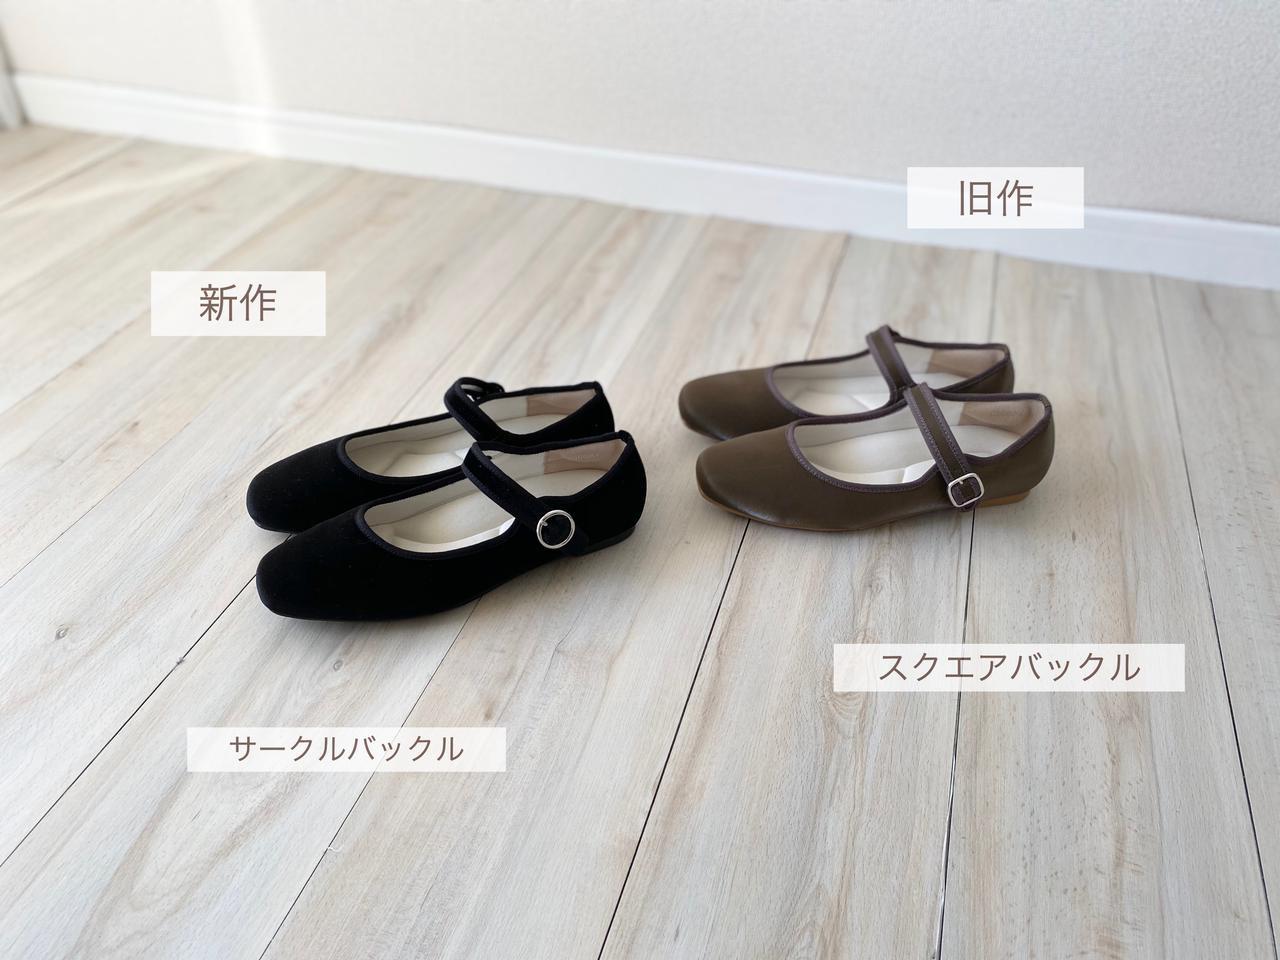 画像15: 【しまむら】争奪戦!?本日発売の新作を1万円分購入!【広告の品】